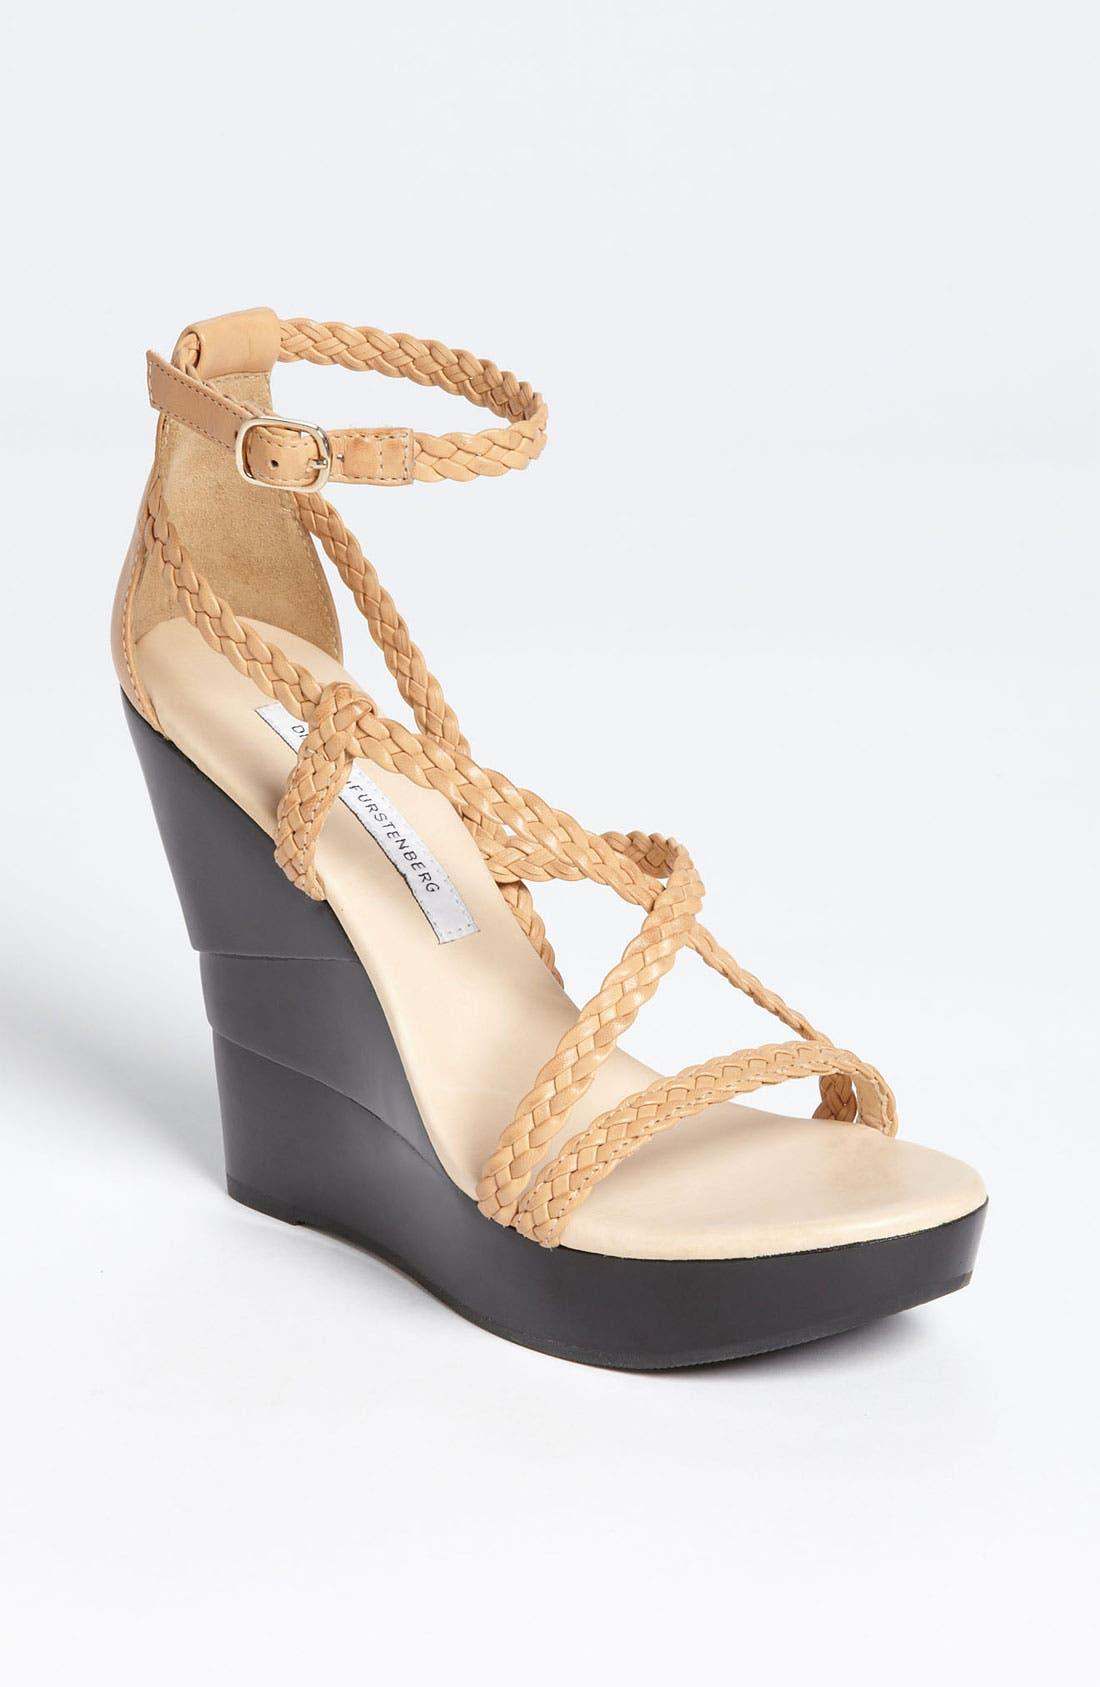 Alternate Image 1 Selected - Diane von Furstenberg 'Olive' Wedge Sandal (Online Only)